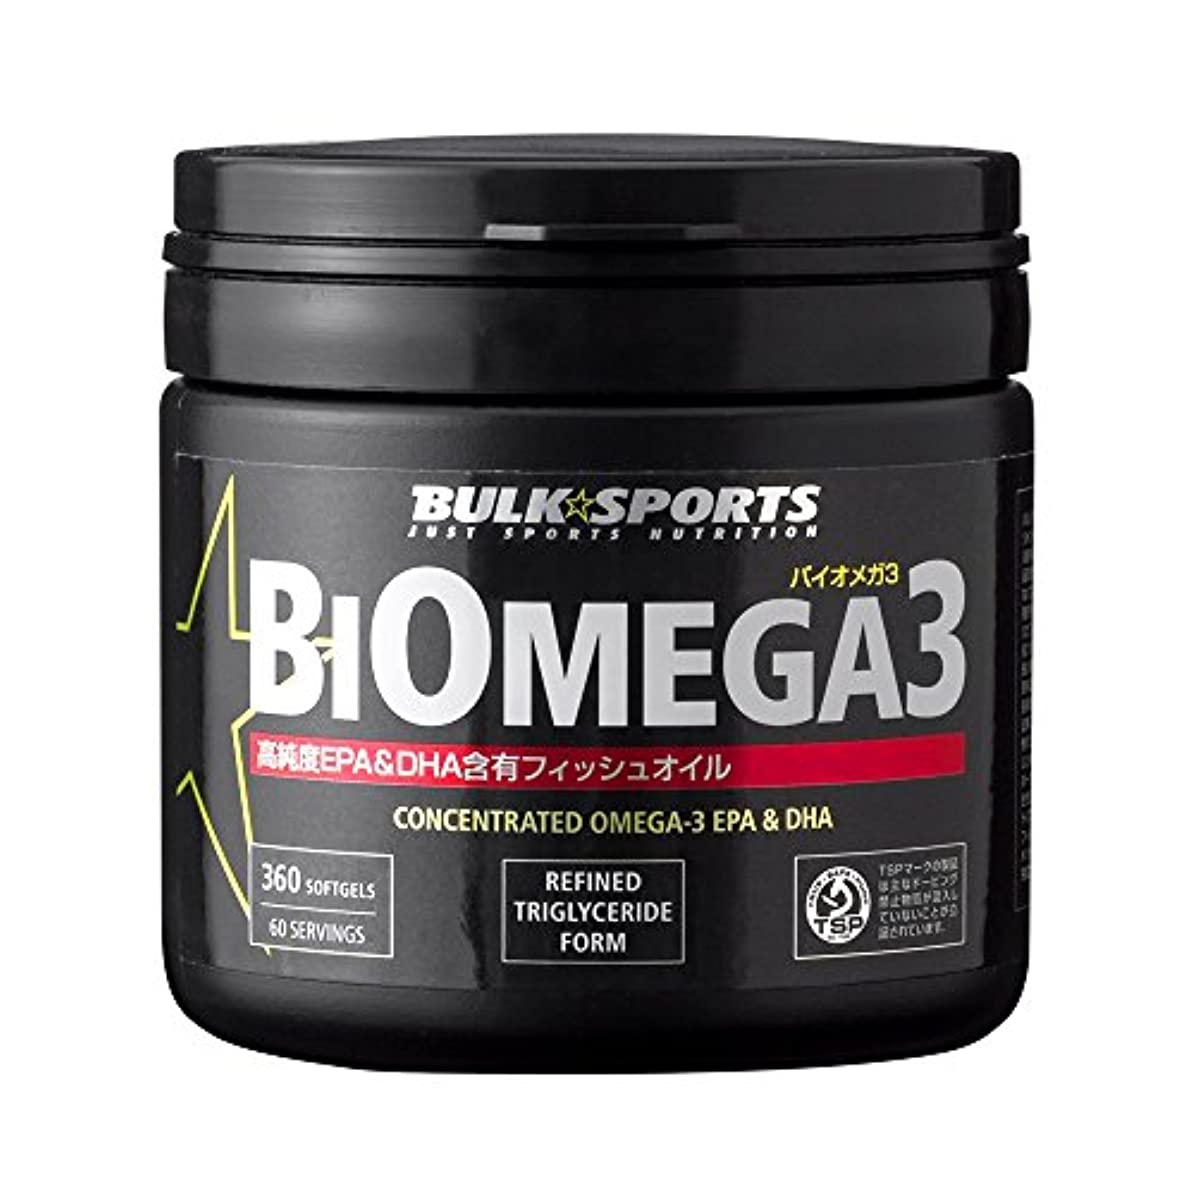 引き渡す成り立つ勃起バルクスポーツ バイオメガ3 EPA&DHA含有フィッシュオイル 360ソフトジェルカプセル